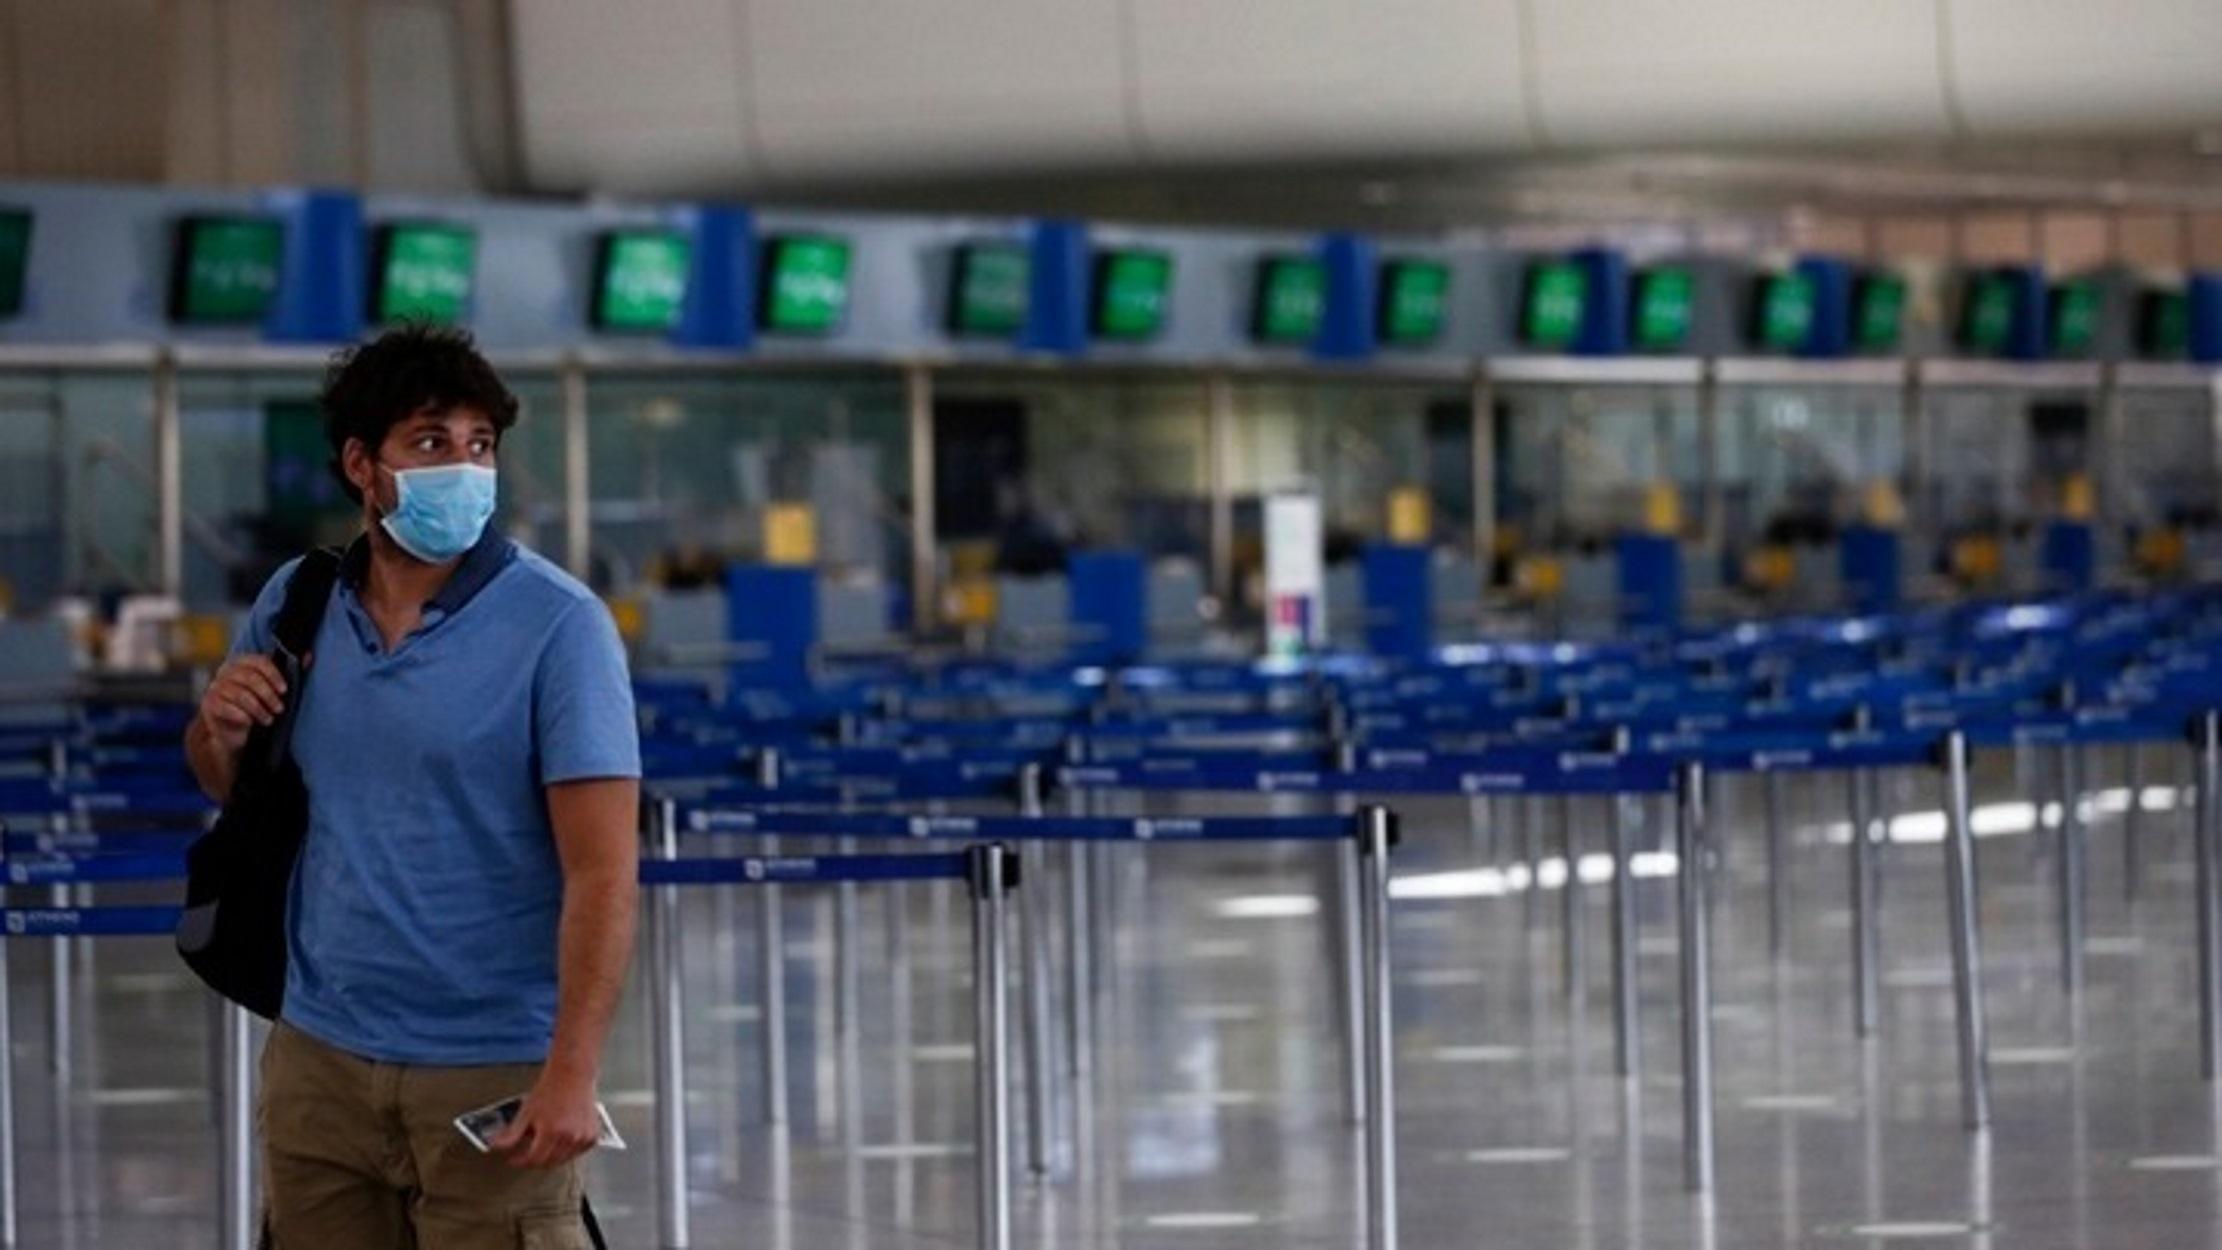 αεροδρόμιο μάσκα κορονοϊός